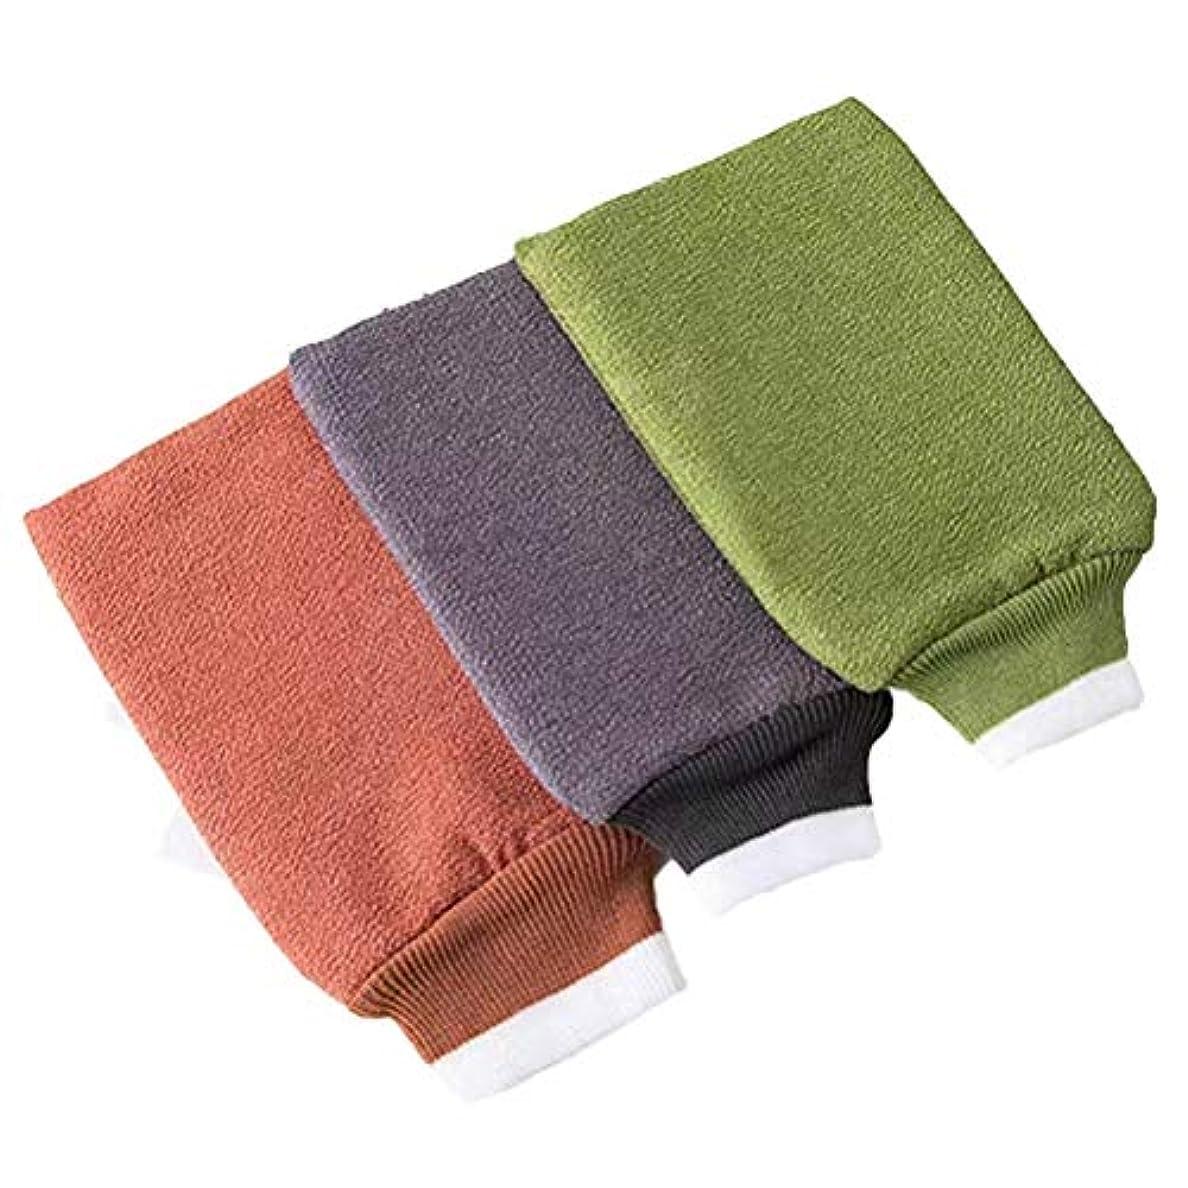 フィールドフォーク促進するTOPBATHY 6ピースバスウォッシュタオル剥離バスグローブバックスクラバーデュアルサイドバスタオル用ボディ用入浴シャワースパブラシ